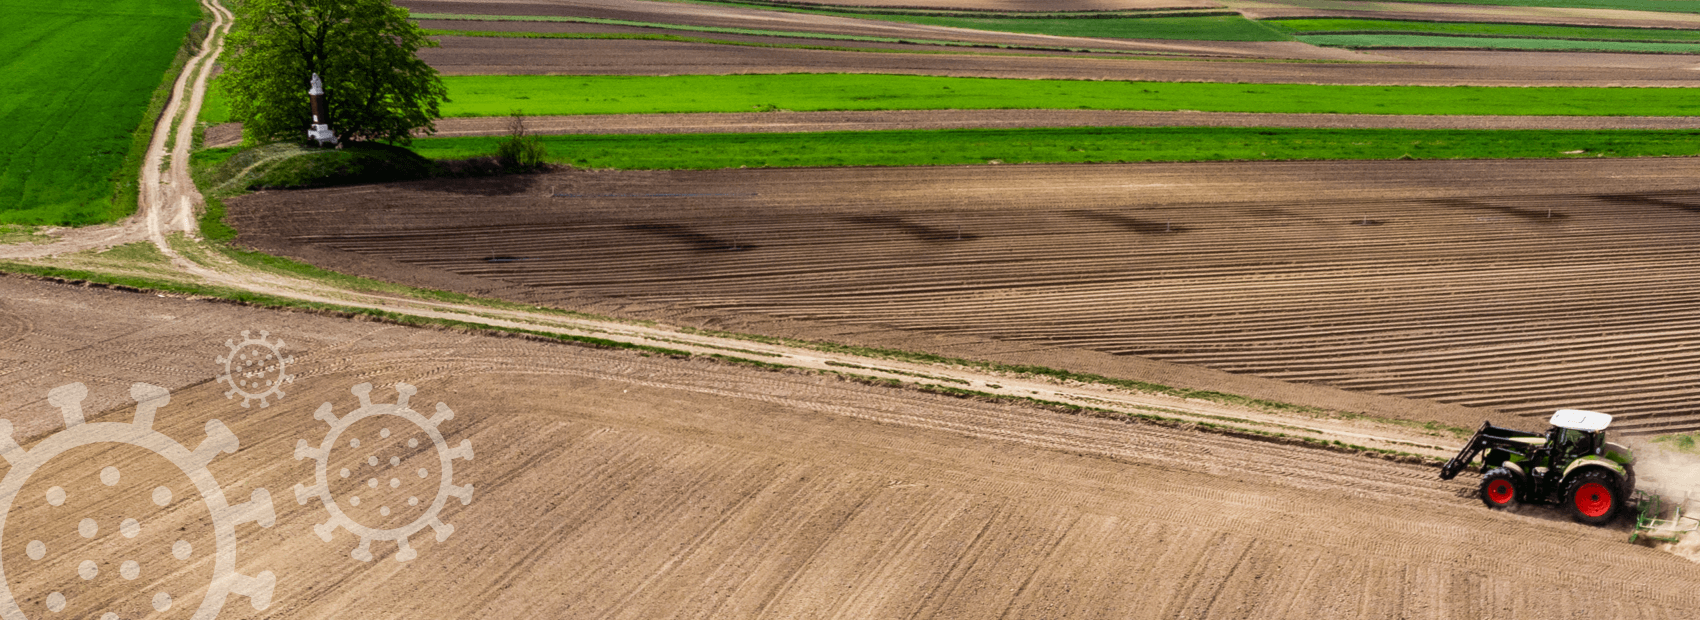 Corona Hilfen in der Landwirtschaft